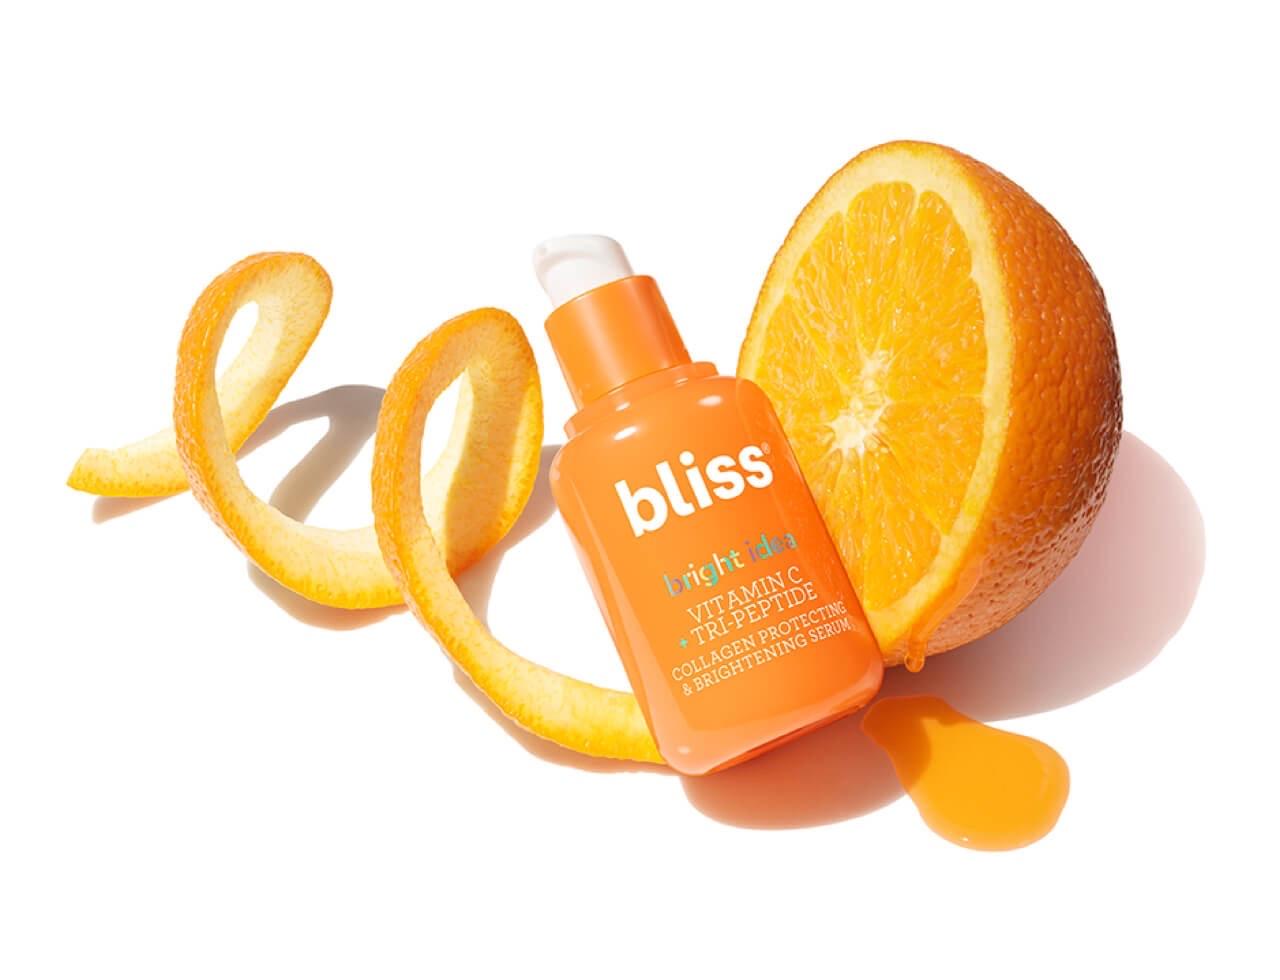 Bliss - Vitamin C Skincare: Skin Brightening Serum, Eye Cream